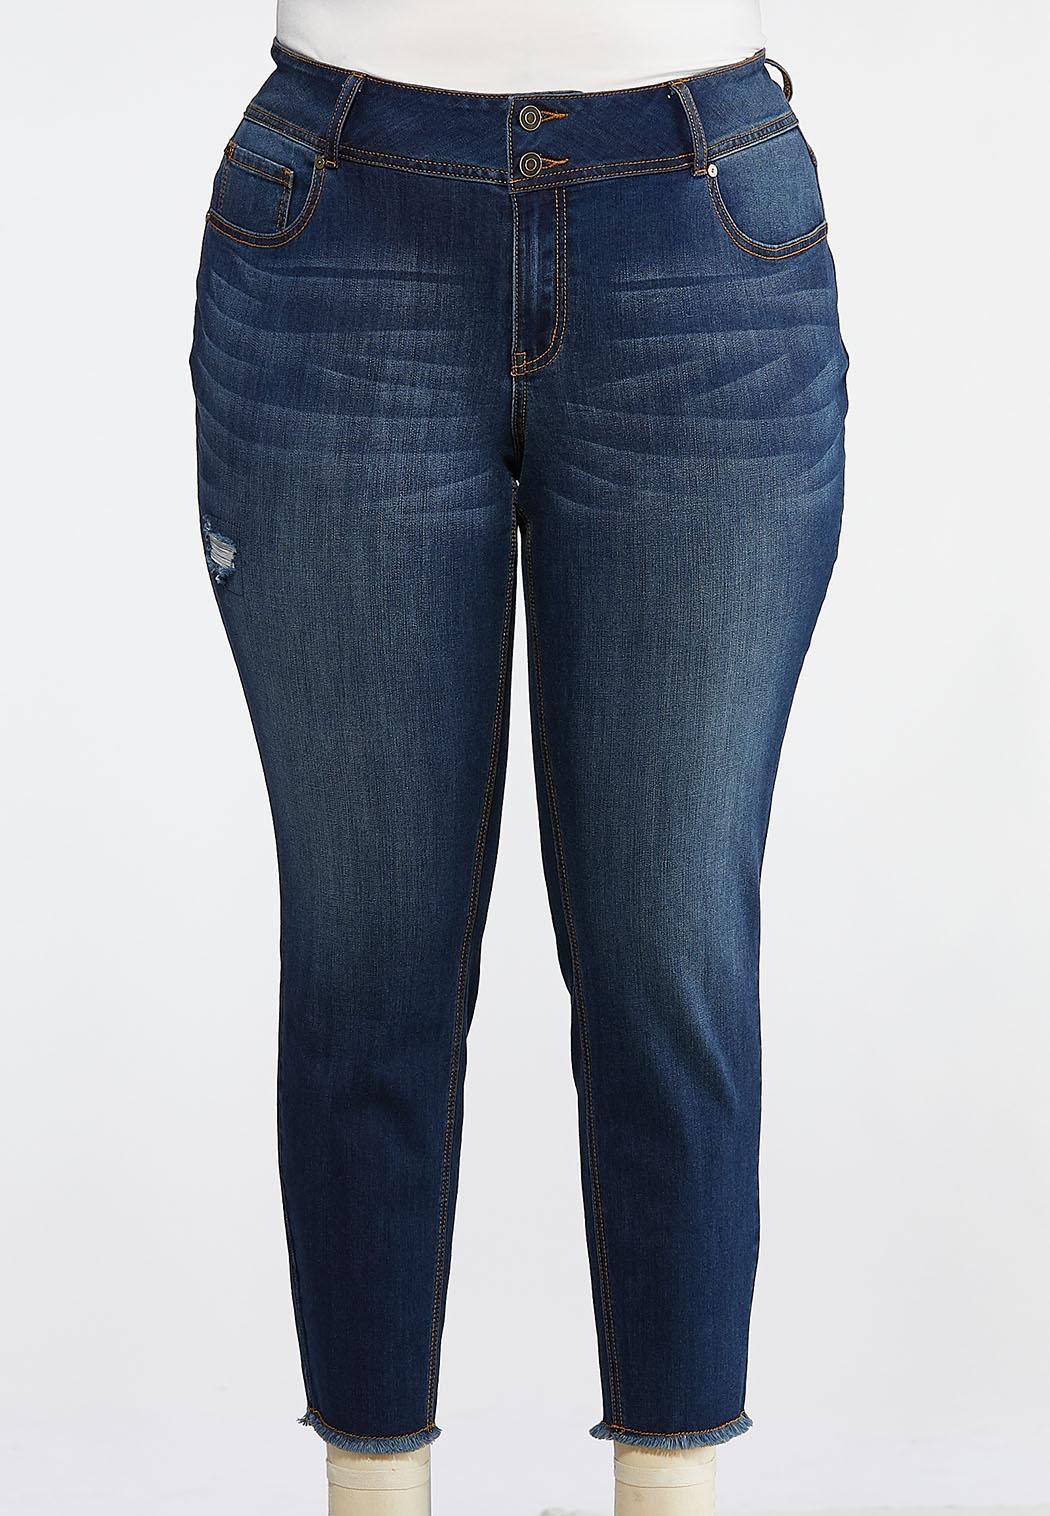 01731c71c8d03 Plus Size Distressed Fringe Hem Jeans Ankle Pants Cato Fashions